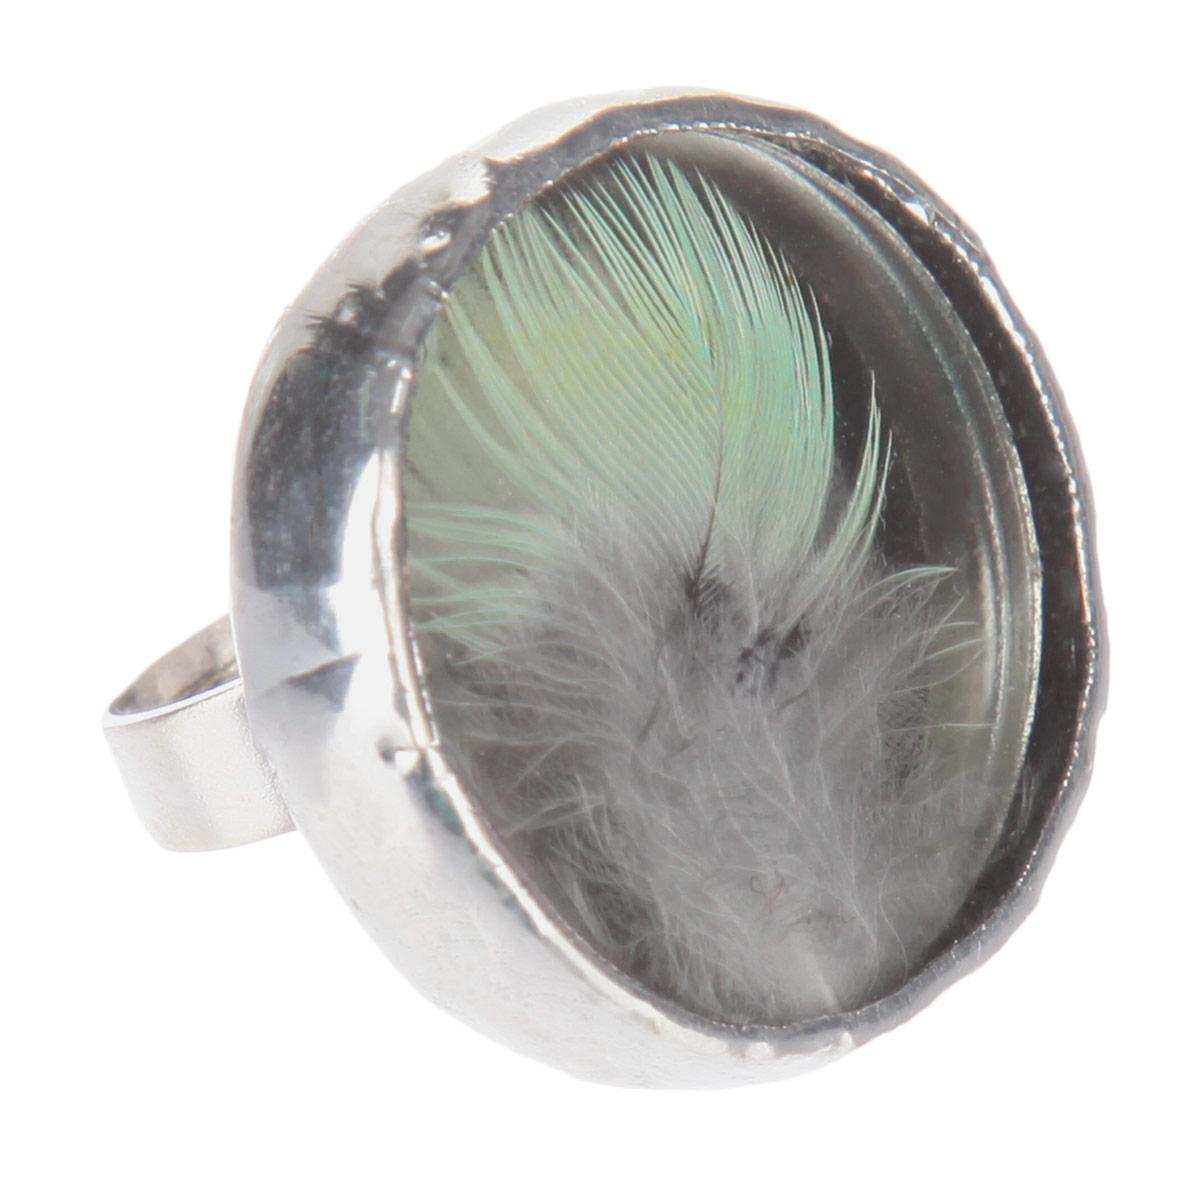 Кольцо Естественный отбор Перо, цвет: серебристый, серый, зеленый. Ч-0121Ч-0121Кольцо Естественный отбор Перо не оставит равнодушной ни одну любительницу необычных аксессуаров. Кольцо выполнено из металла и оснащено круглой стеклянной вставкой, украшенной перышком. Кольцо безразмерное. Это по-настоящему весенний аксессуар - яркий и необыкновенный, способный как по волшебству наполнить воздух солнечными лучами и запахами весны. Прекрасно подойдет для натур неординарных и легких на подъем, которые предпочитают все оригинальное и нестандартное.